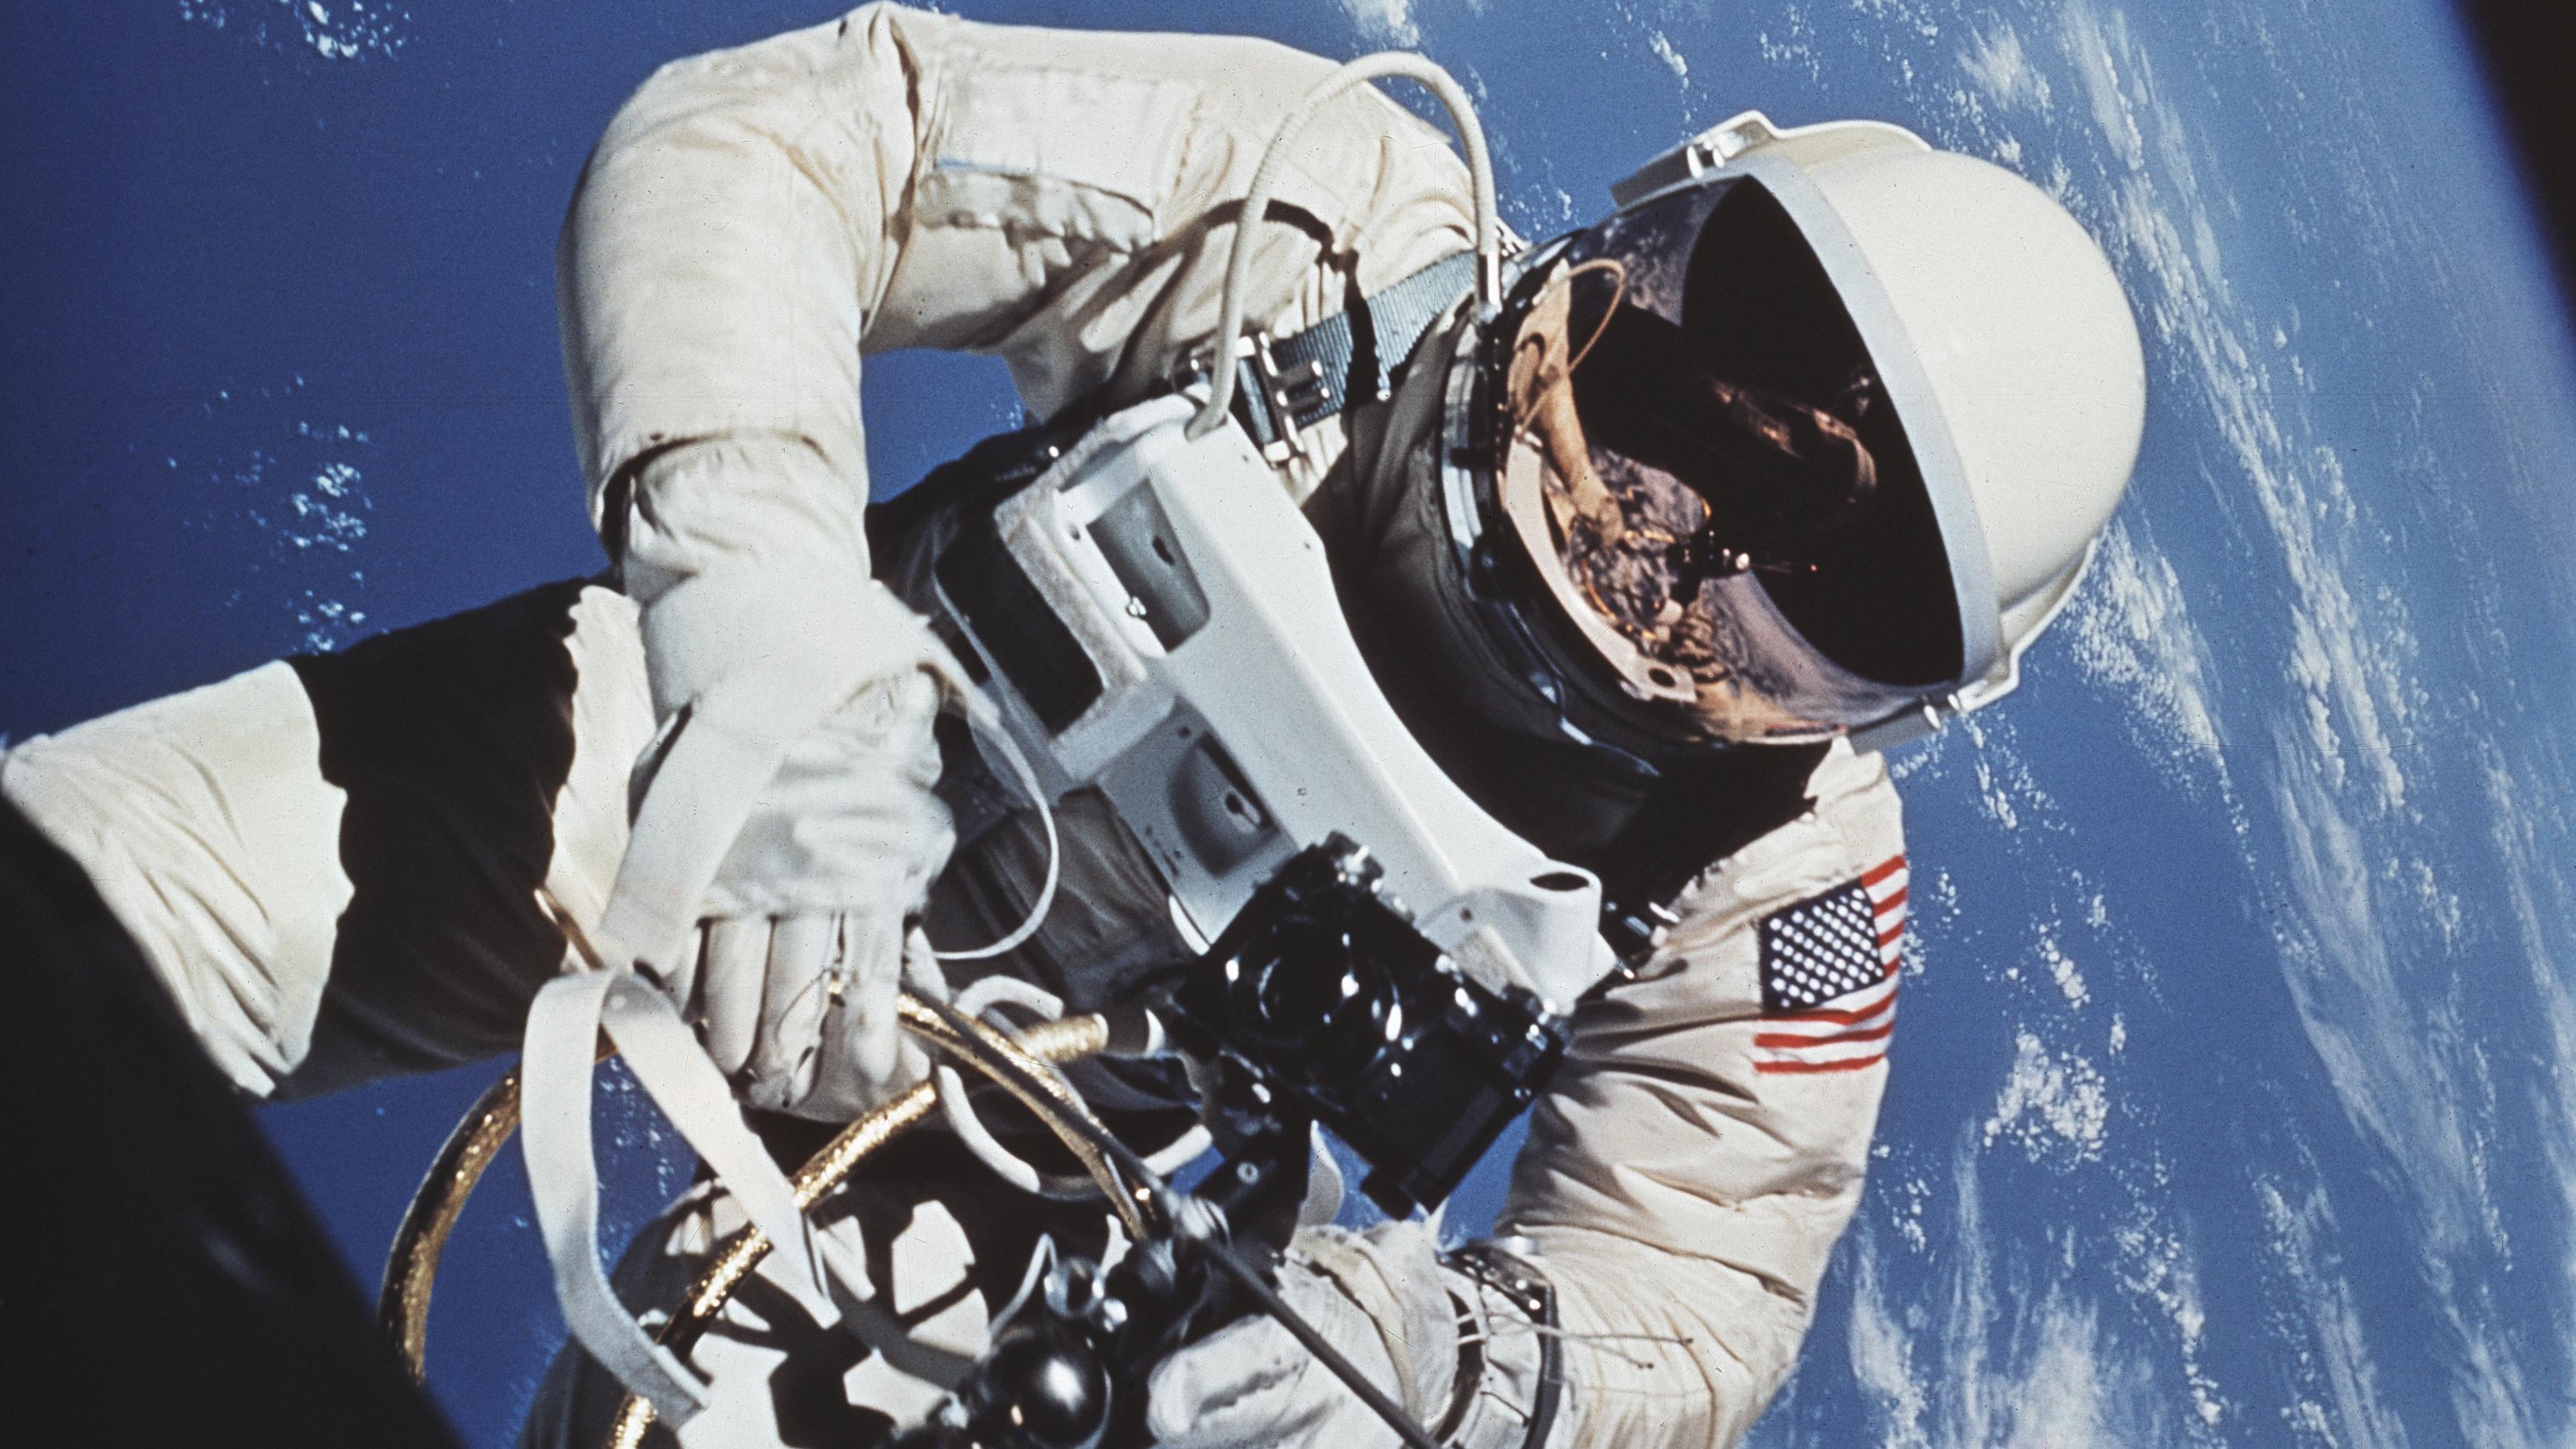 Astronaut Edward White beim ersten amerikanischen Spaziergang im All am 3. Juni 1965.